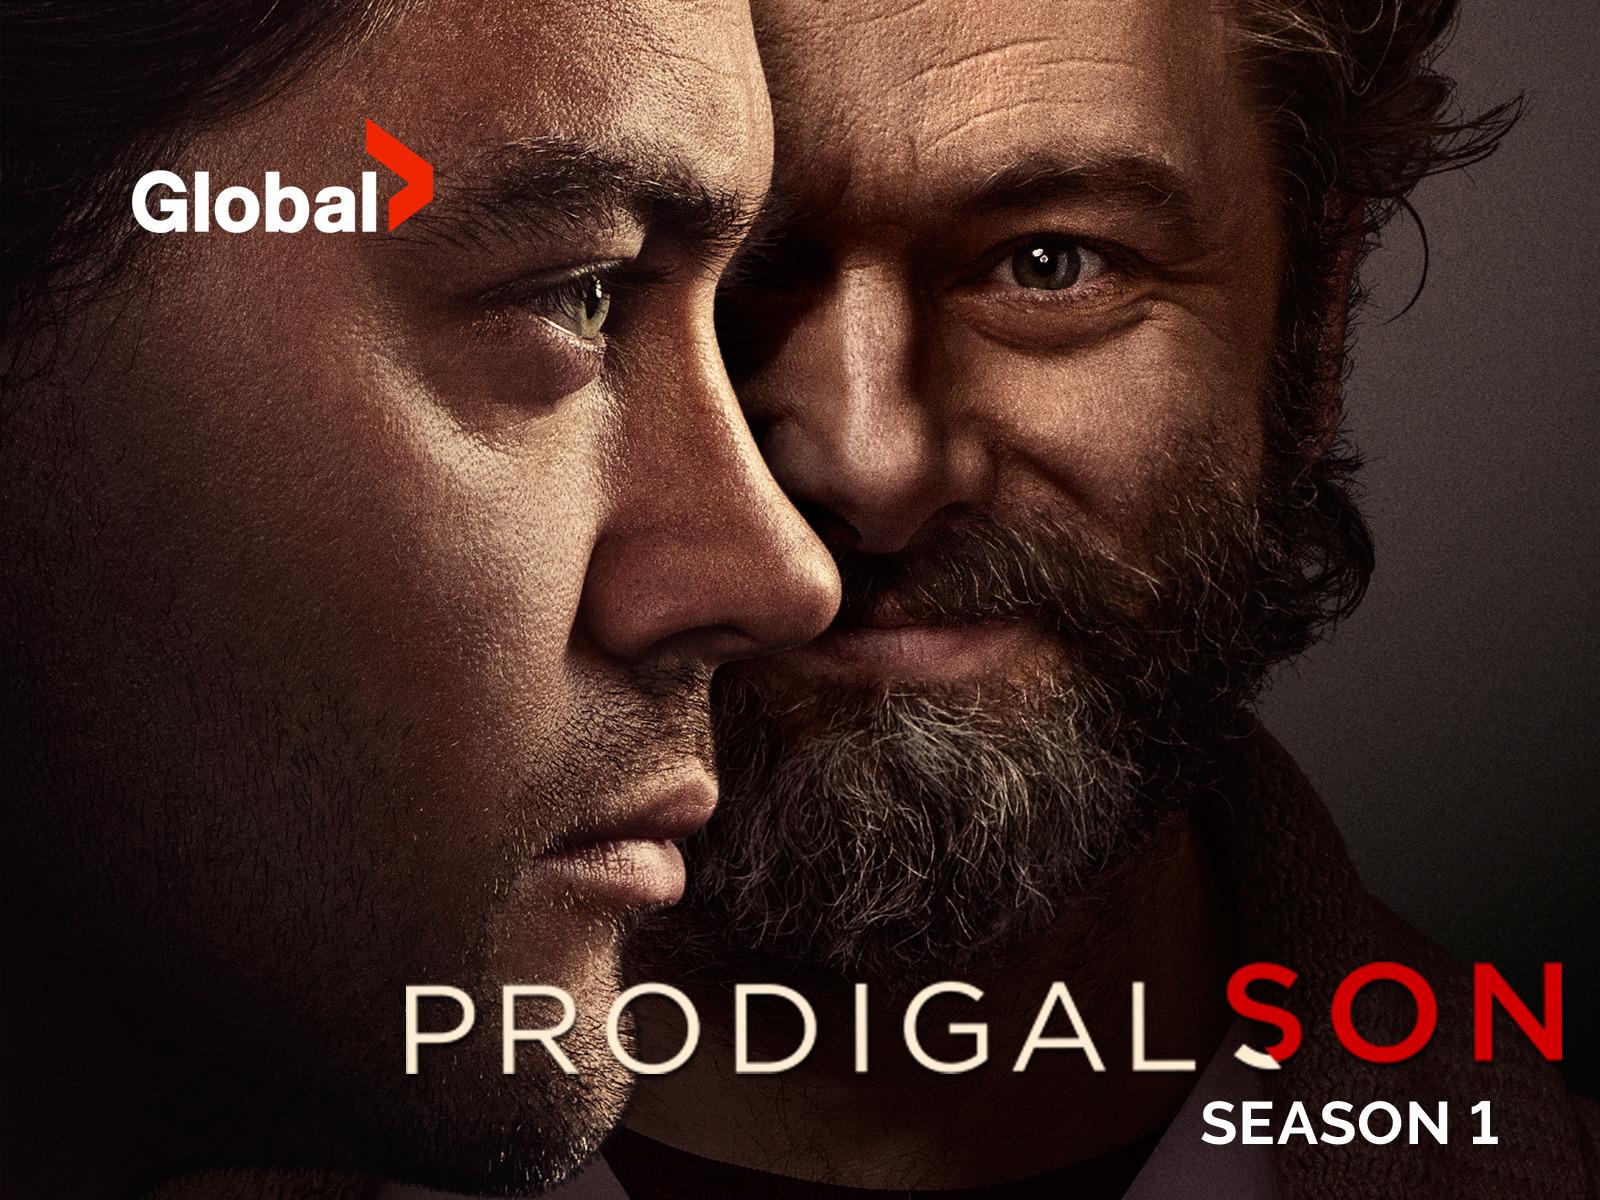 Prime Video: Prodigal Son - Season 1